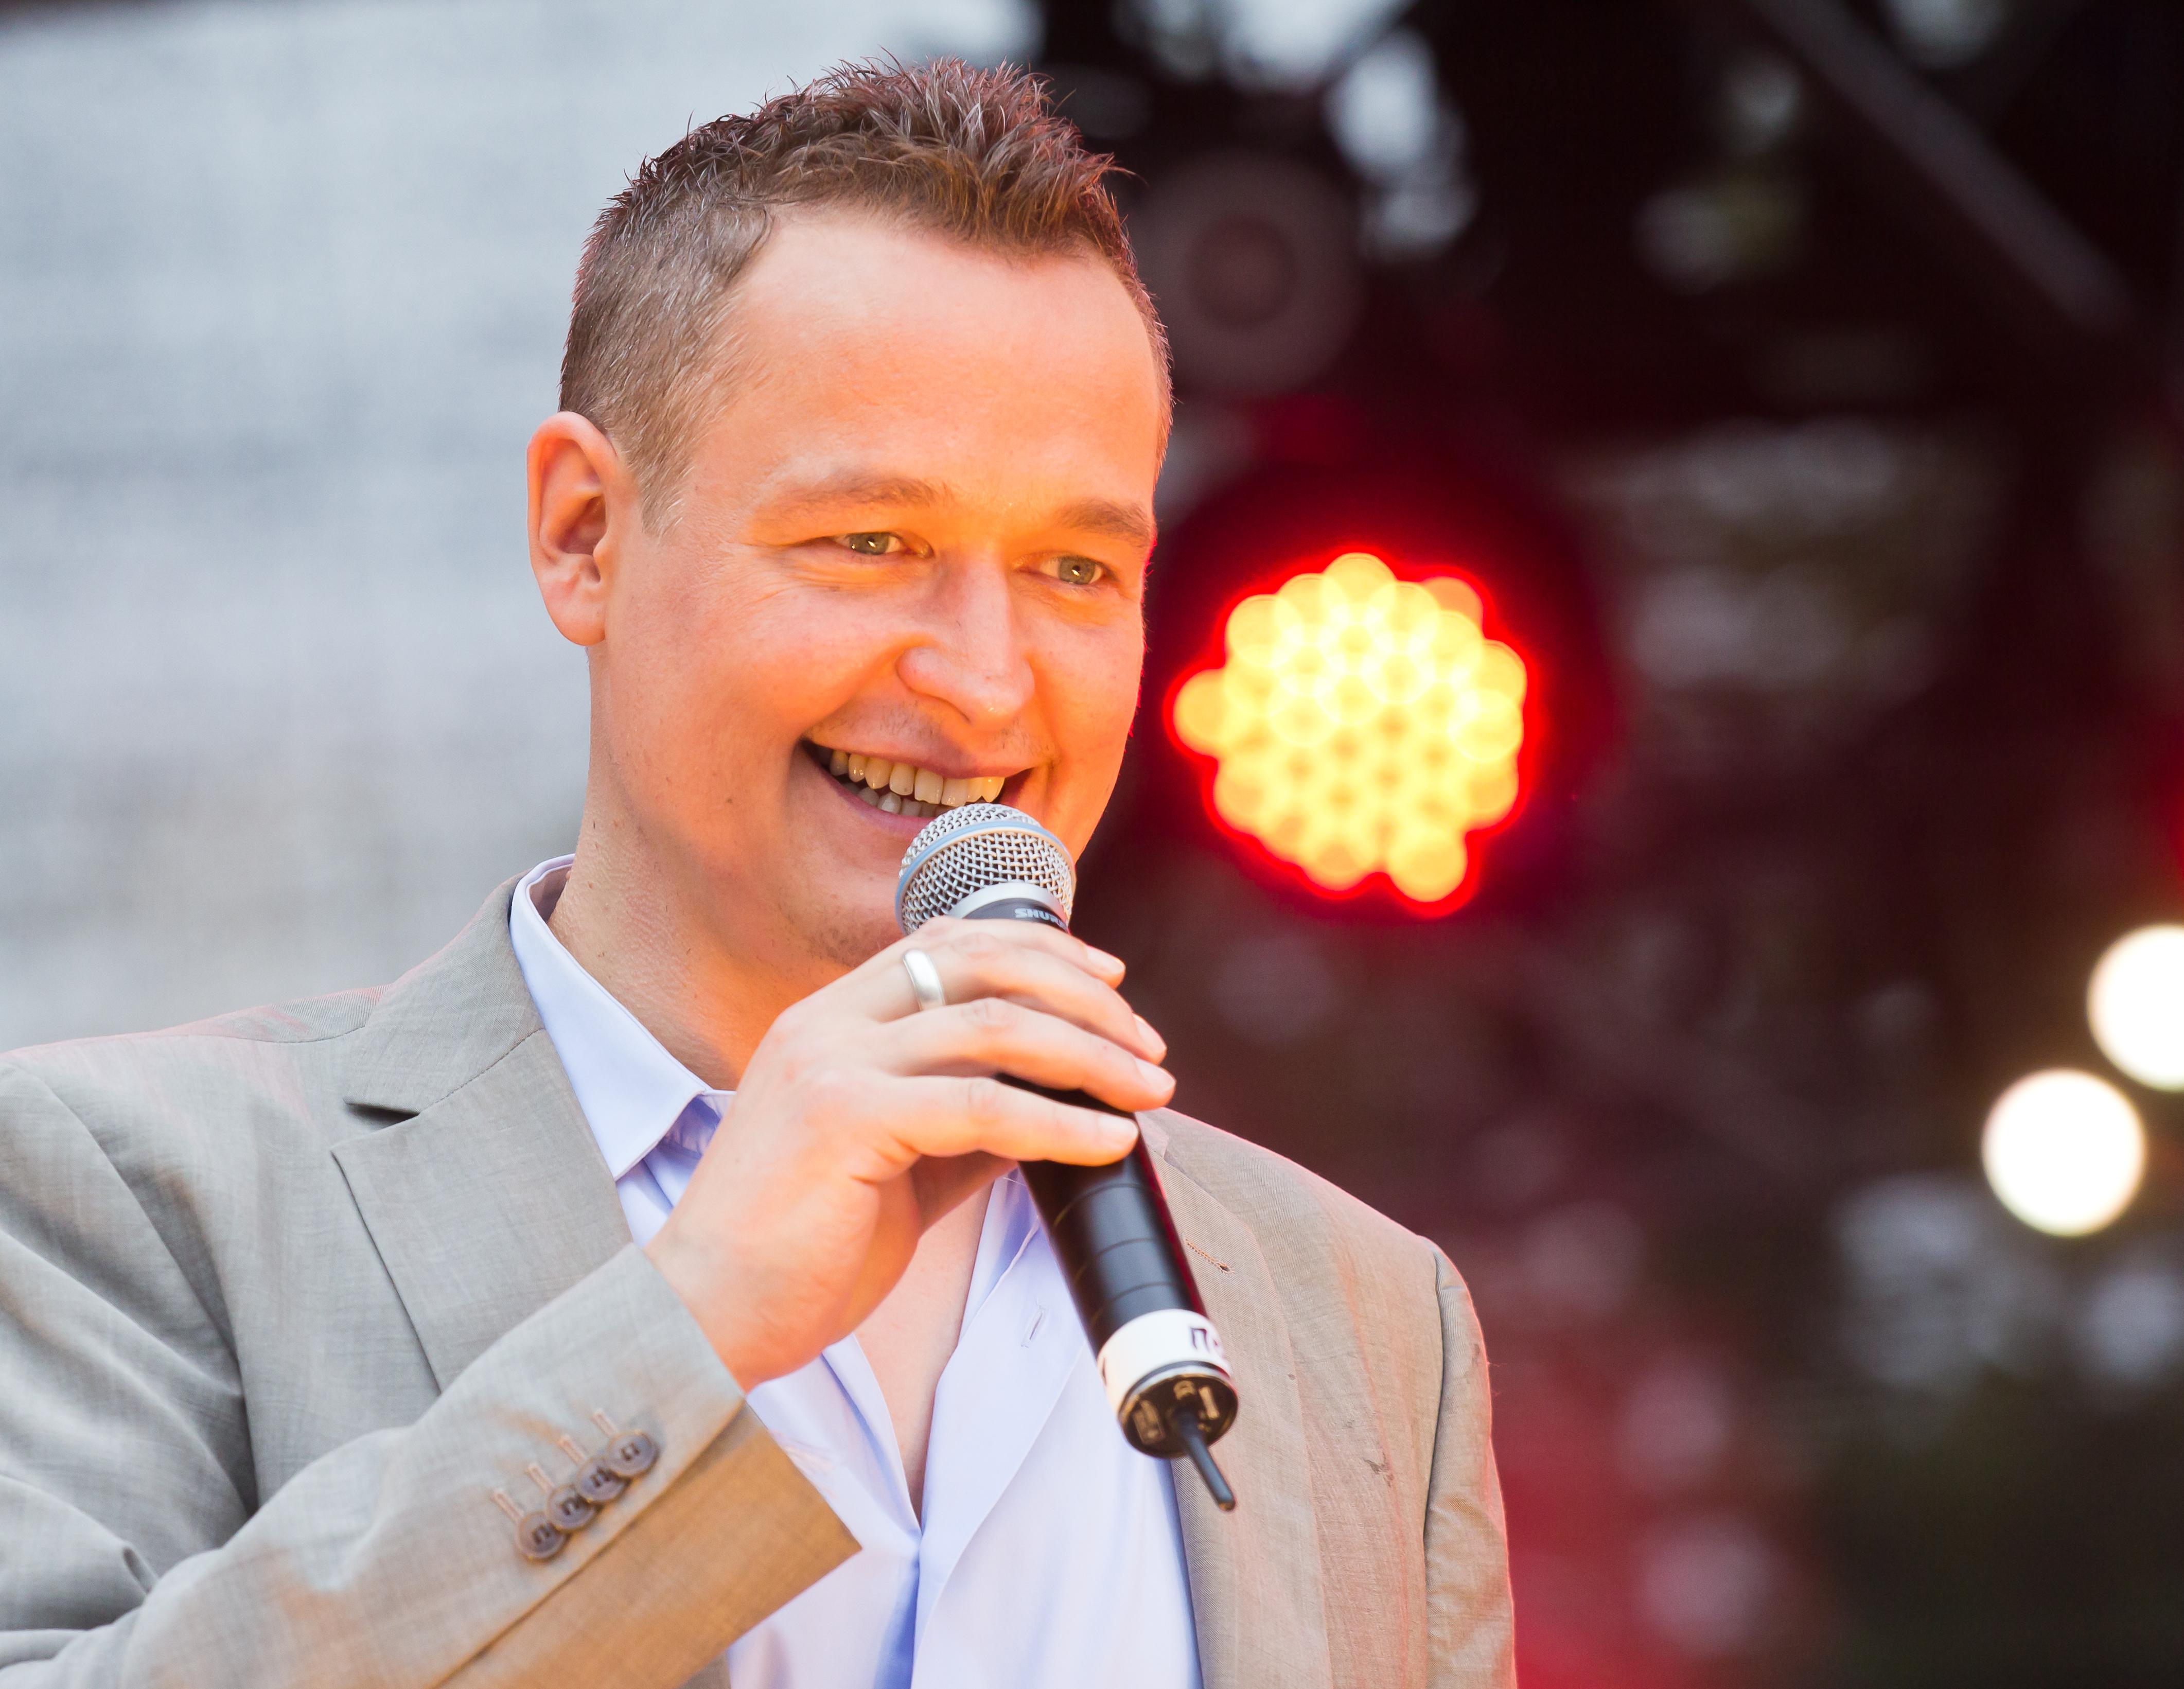 Filecolognepride 2014 Heumarkt 1731 Moderator Bernd Fuchs 2270